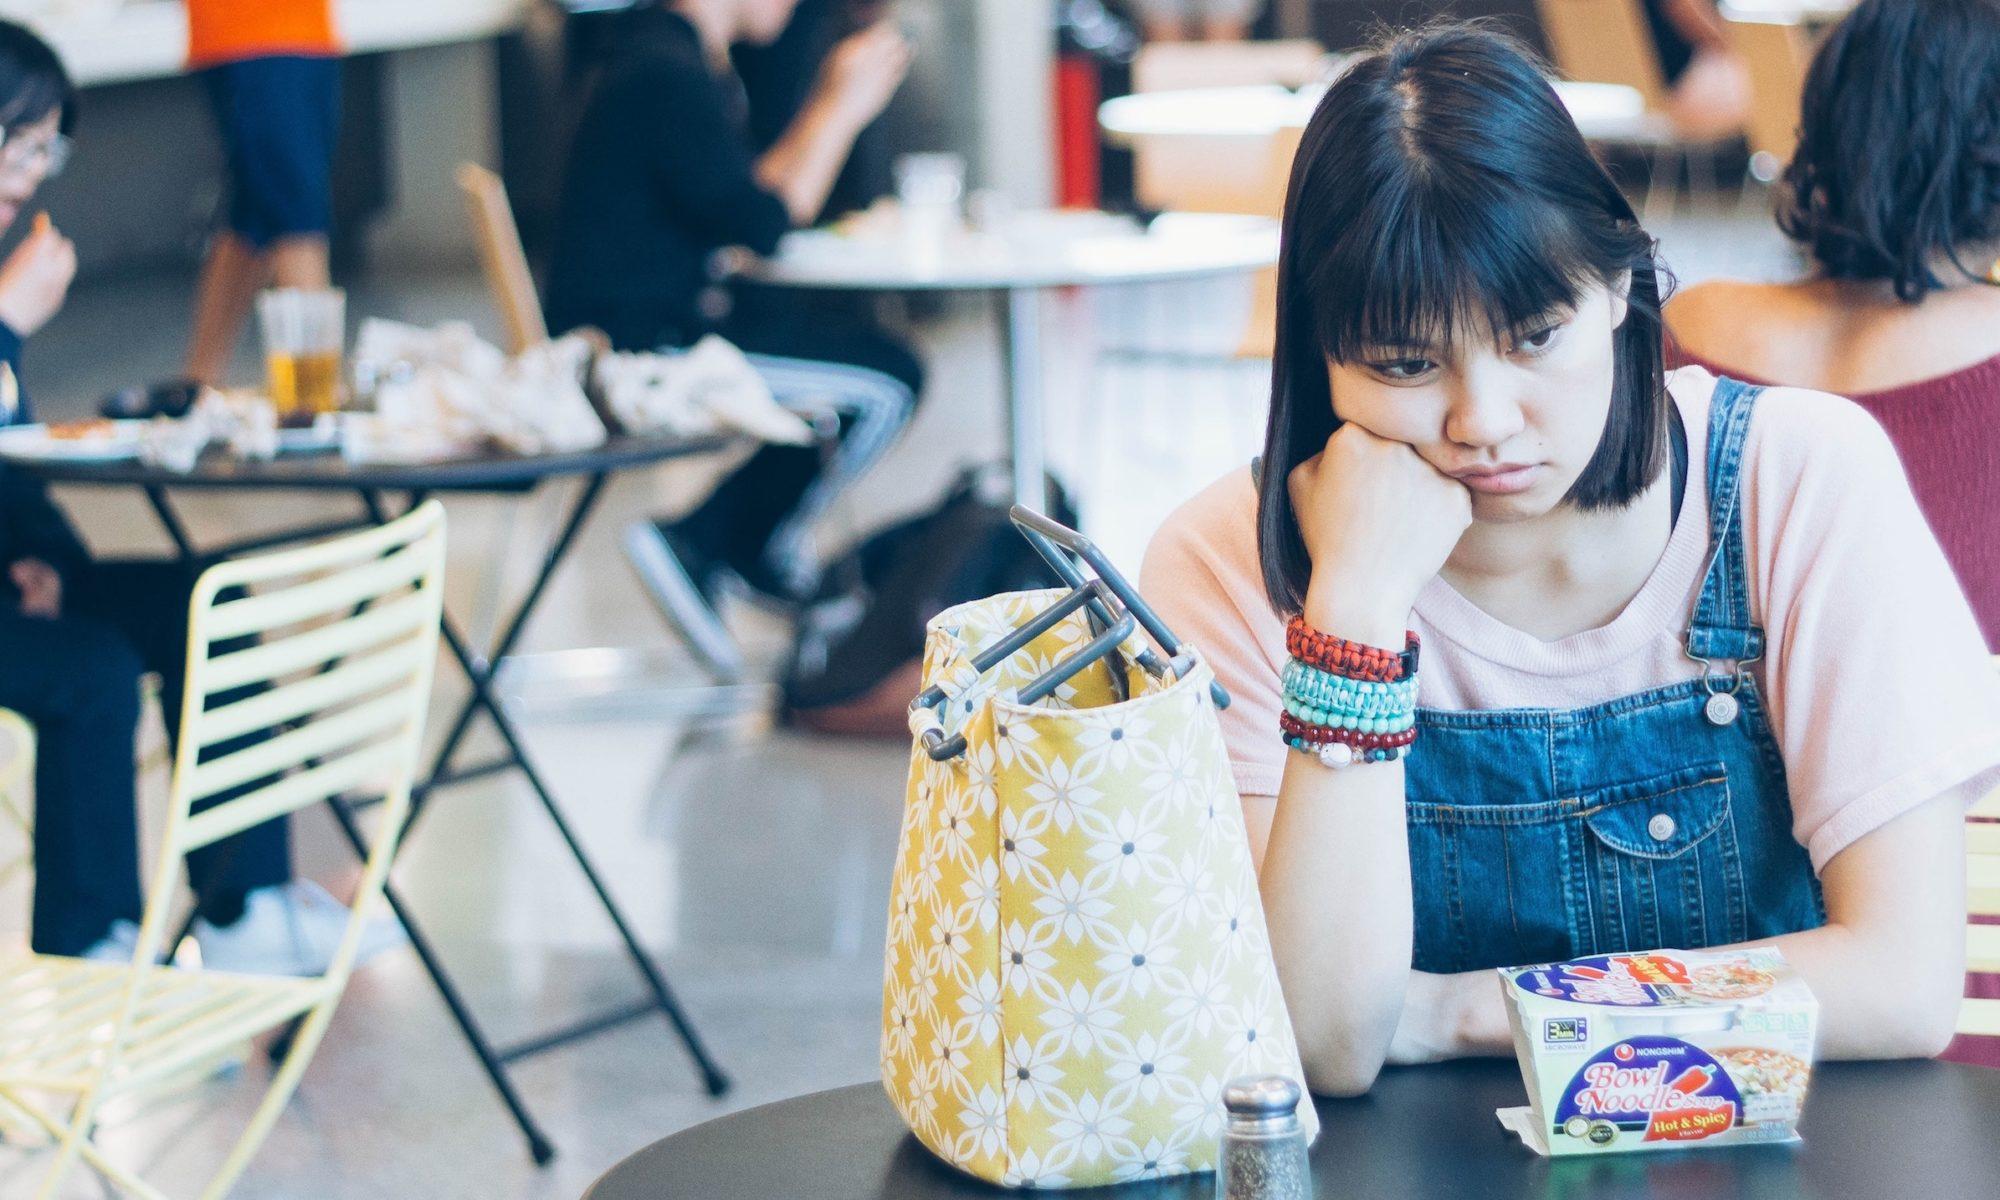 Frau sitzt mit traurigem Gesichtsausdruck in einem Café am Tisch.